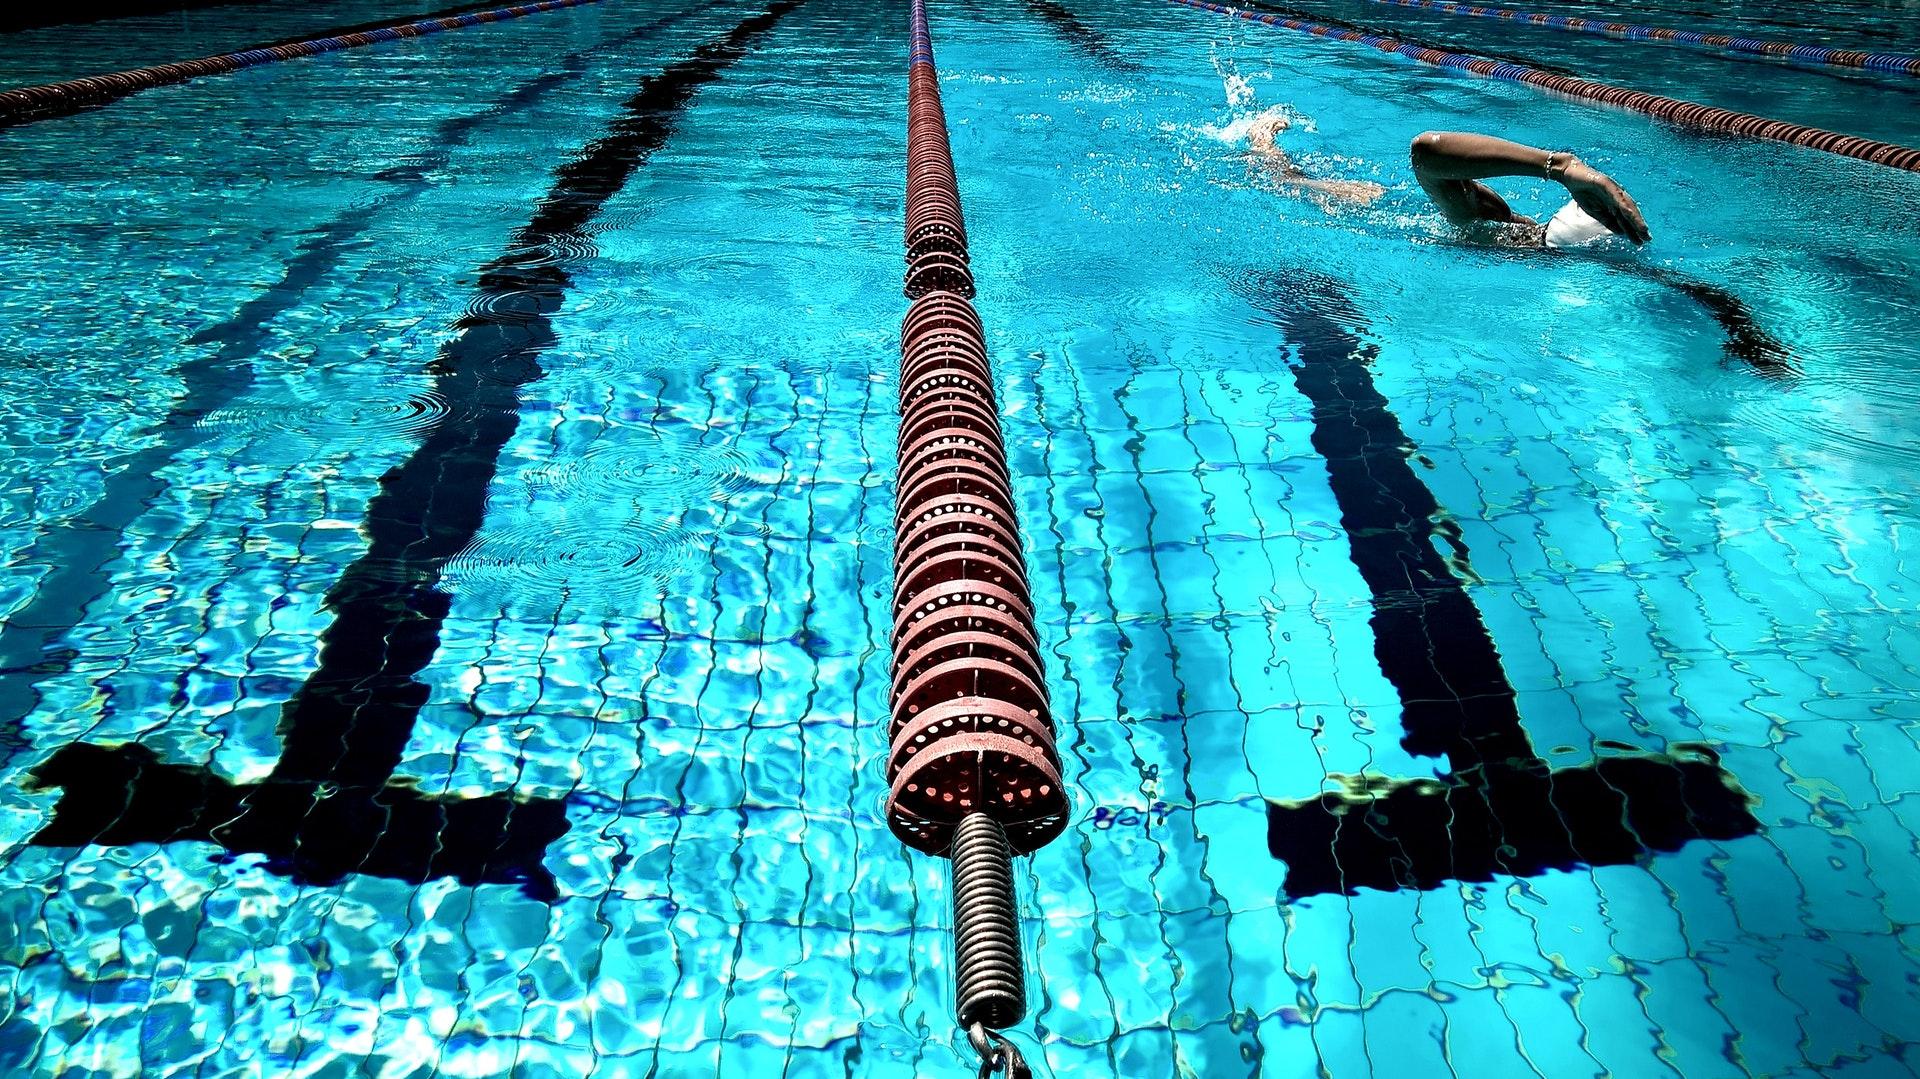 Usage du chlore dans les piscines: un rôle dans l'asthme et les malformations génitales de l'appareil masculin?